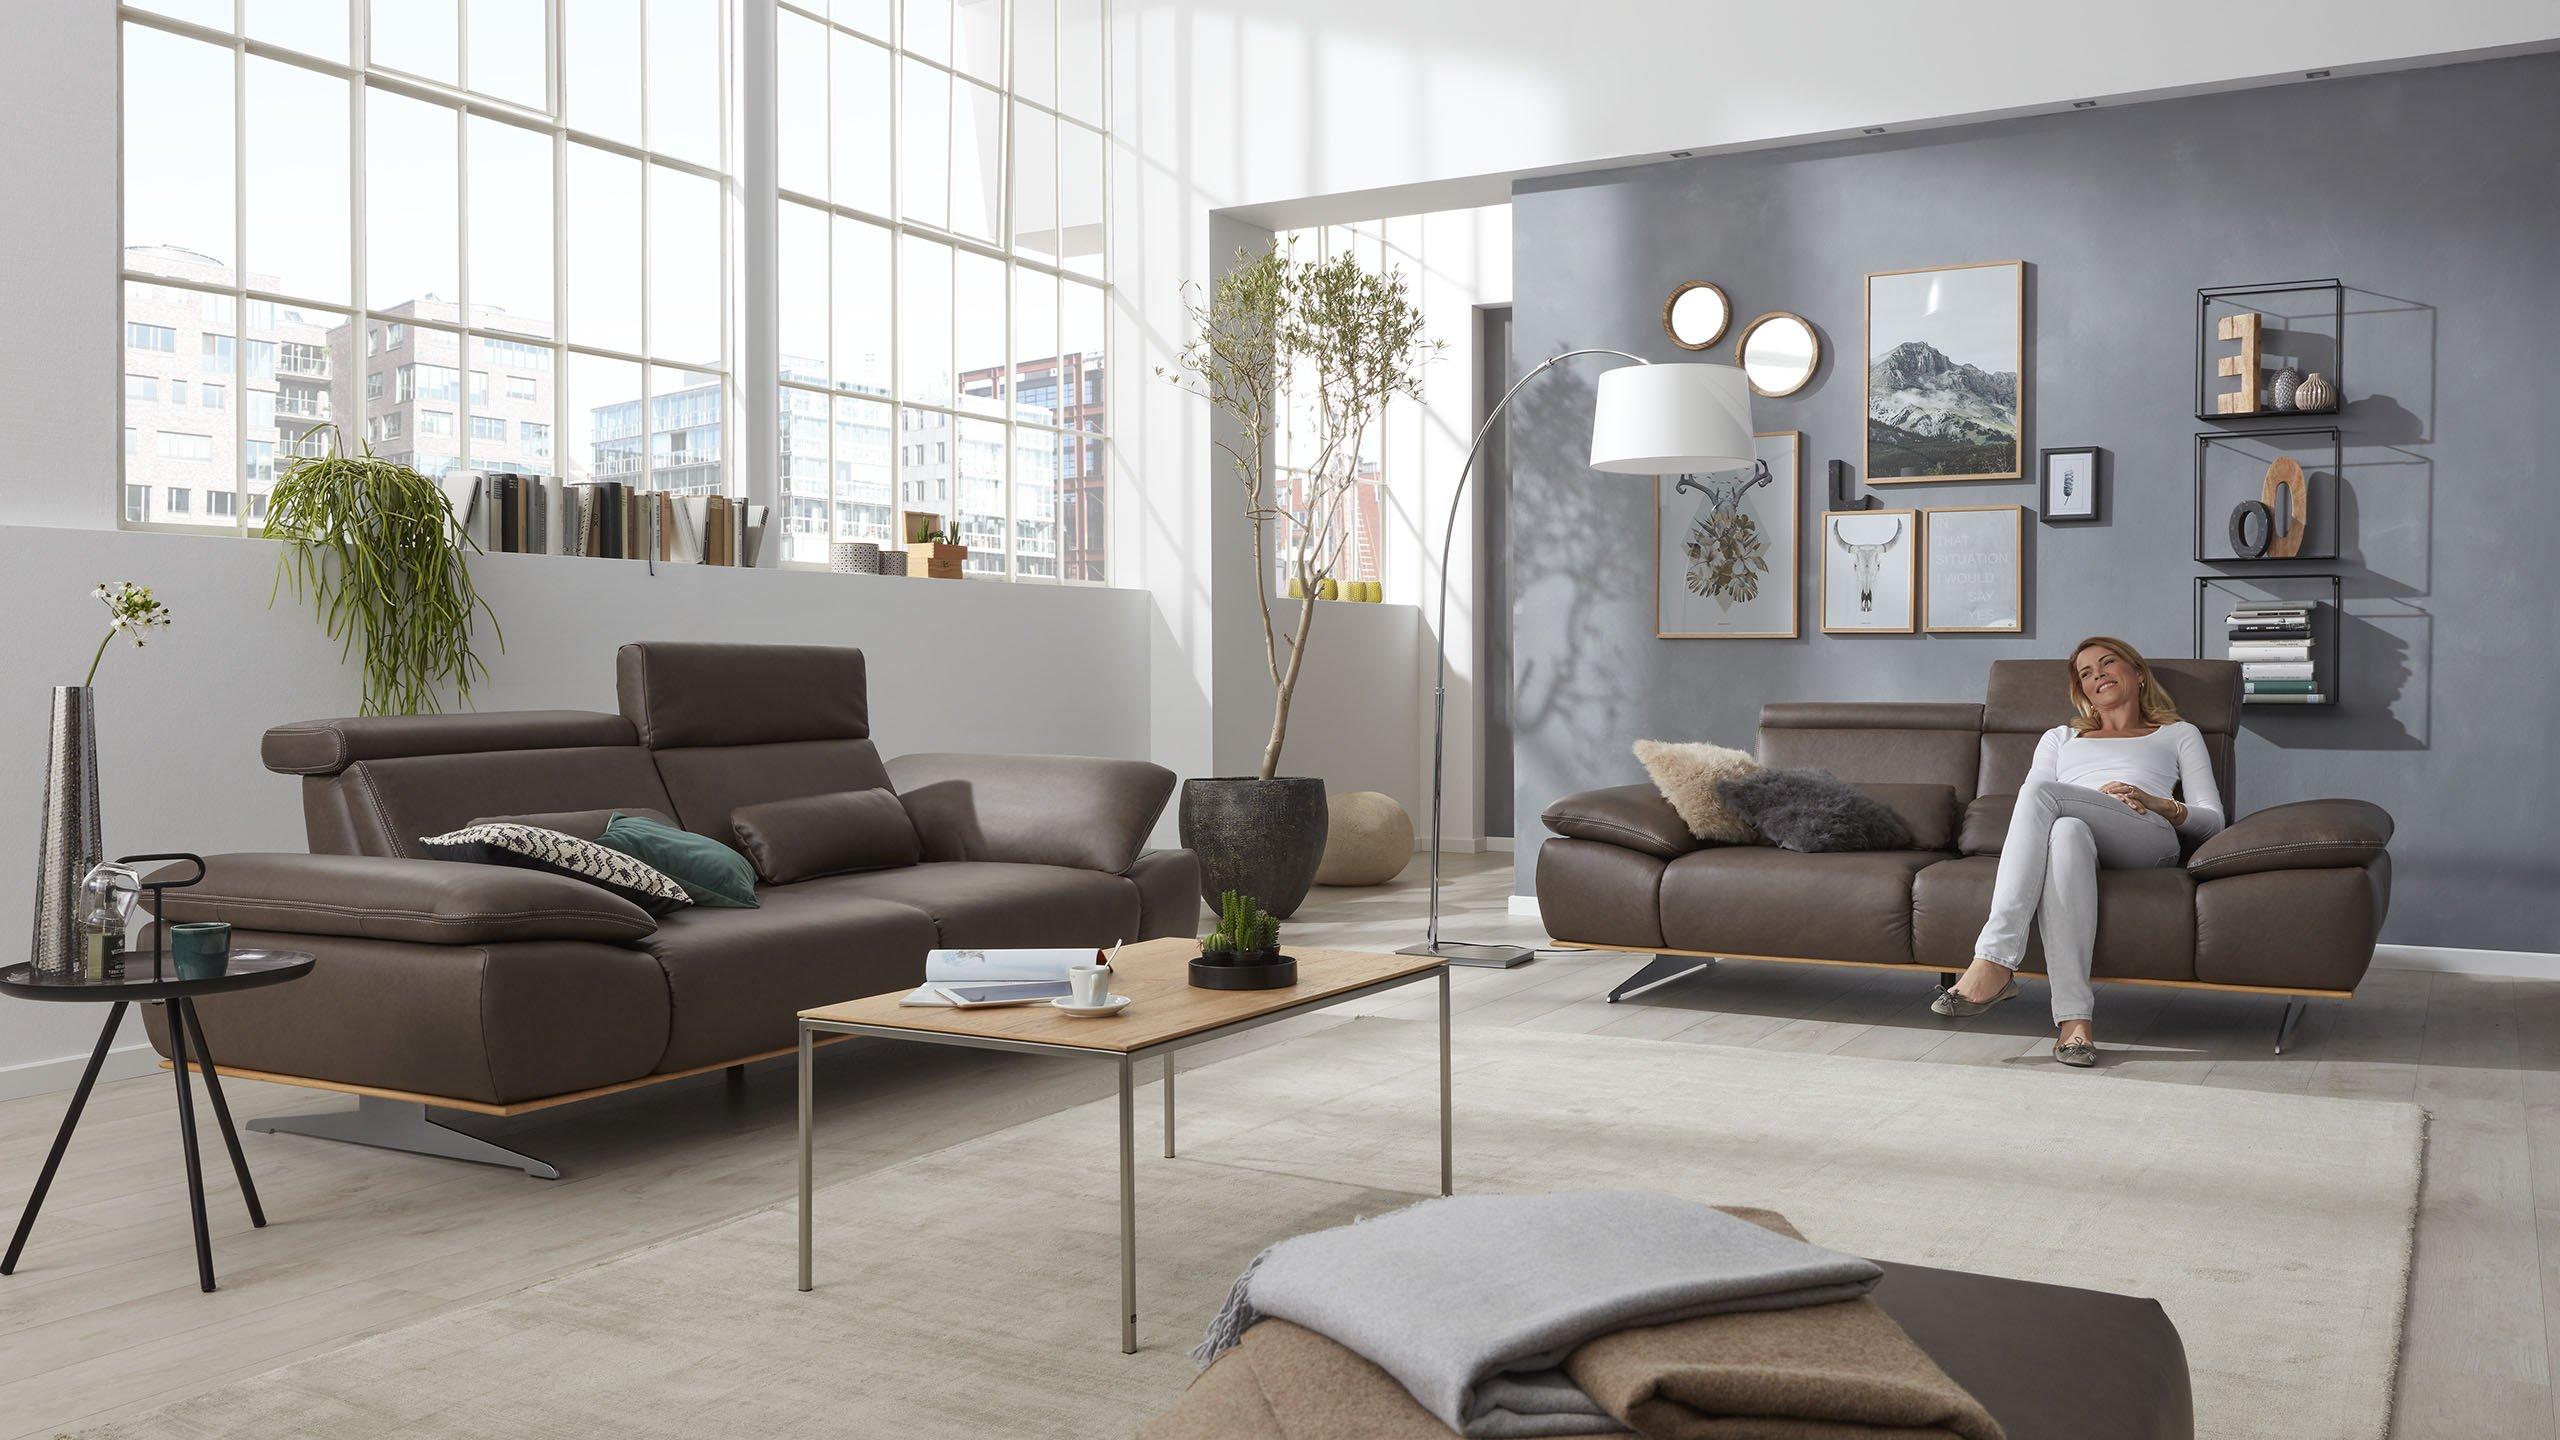 Interliving-Sofa-Serie-4350-Relaxen-klappbare-Kopfstuetze